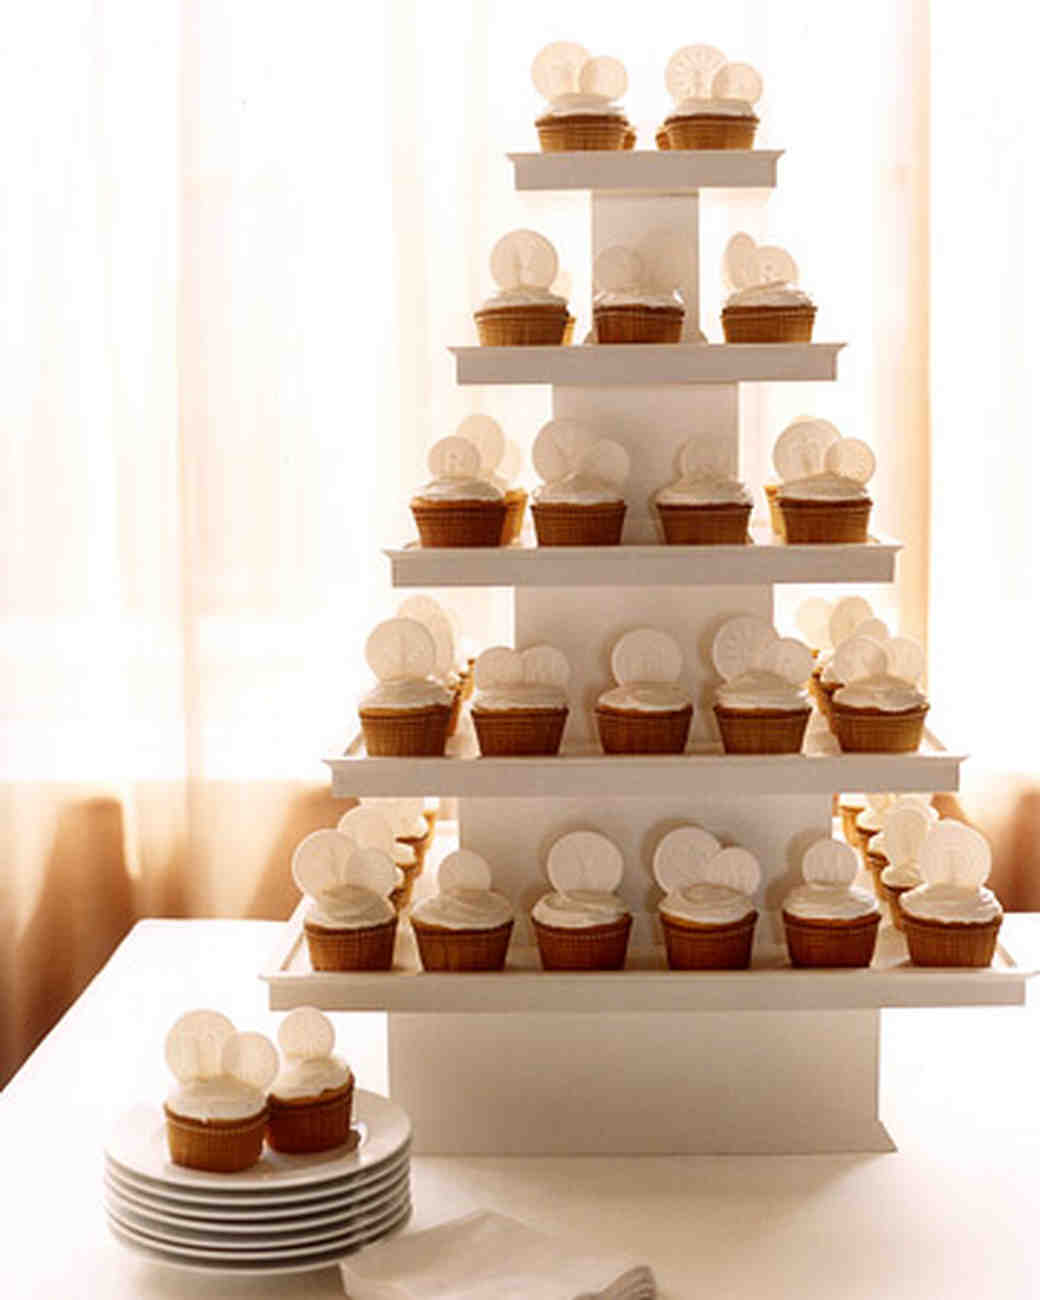 Stylish Wedding Cupcake Ideas Martha Stewart Weddings Cupcake Wedding Cakes Beach Med Cupcake Wedding Cake Dress wedding cake Cupcake Wedding Cake